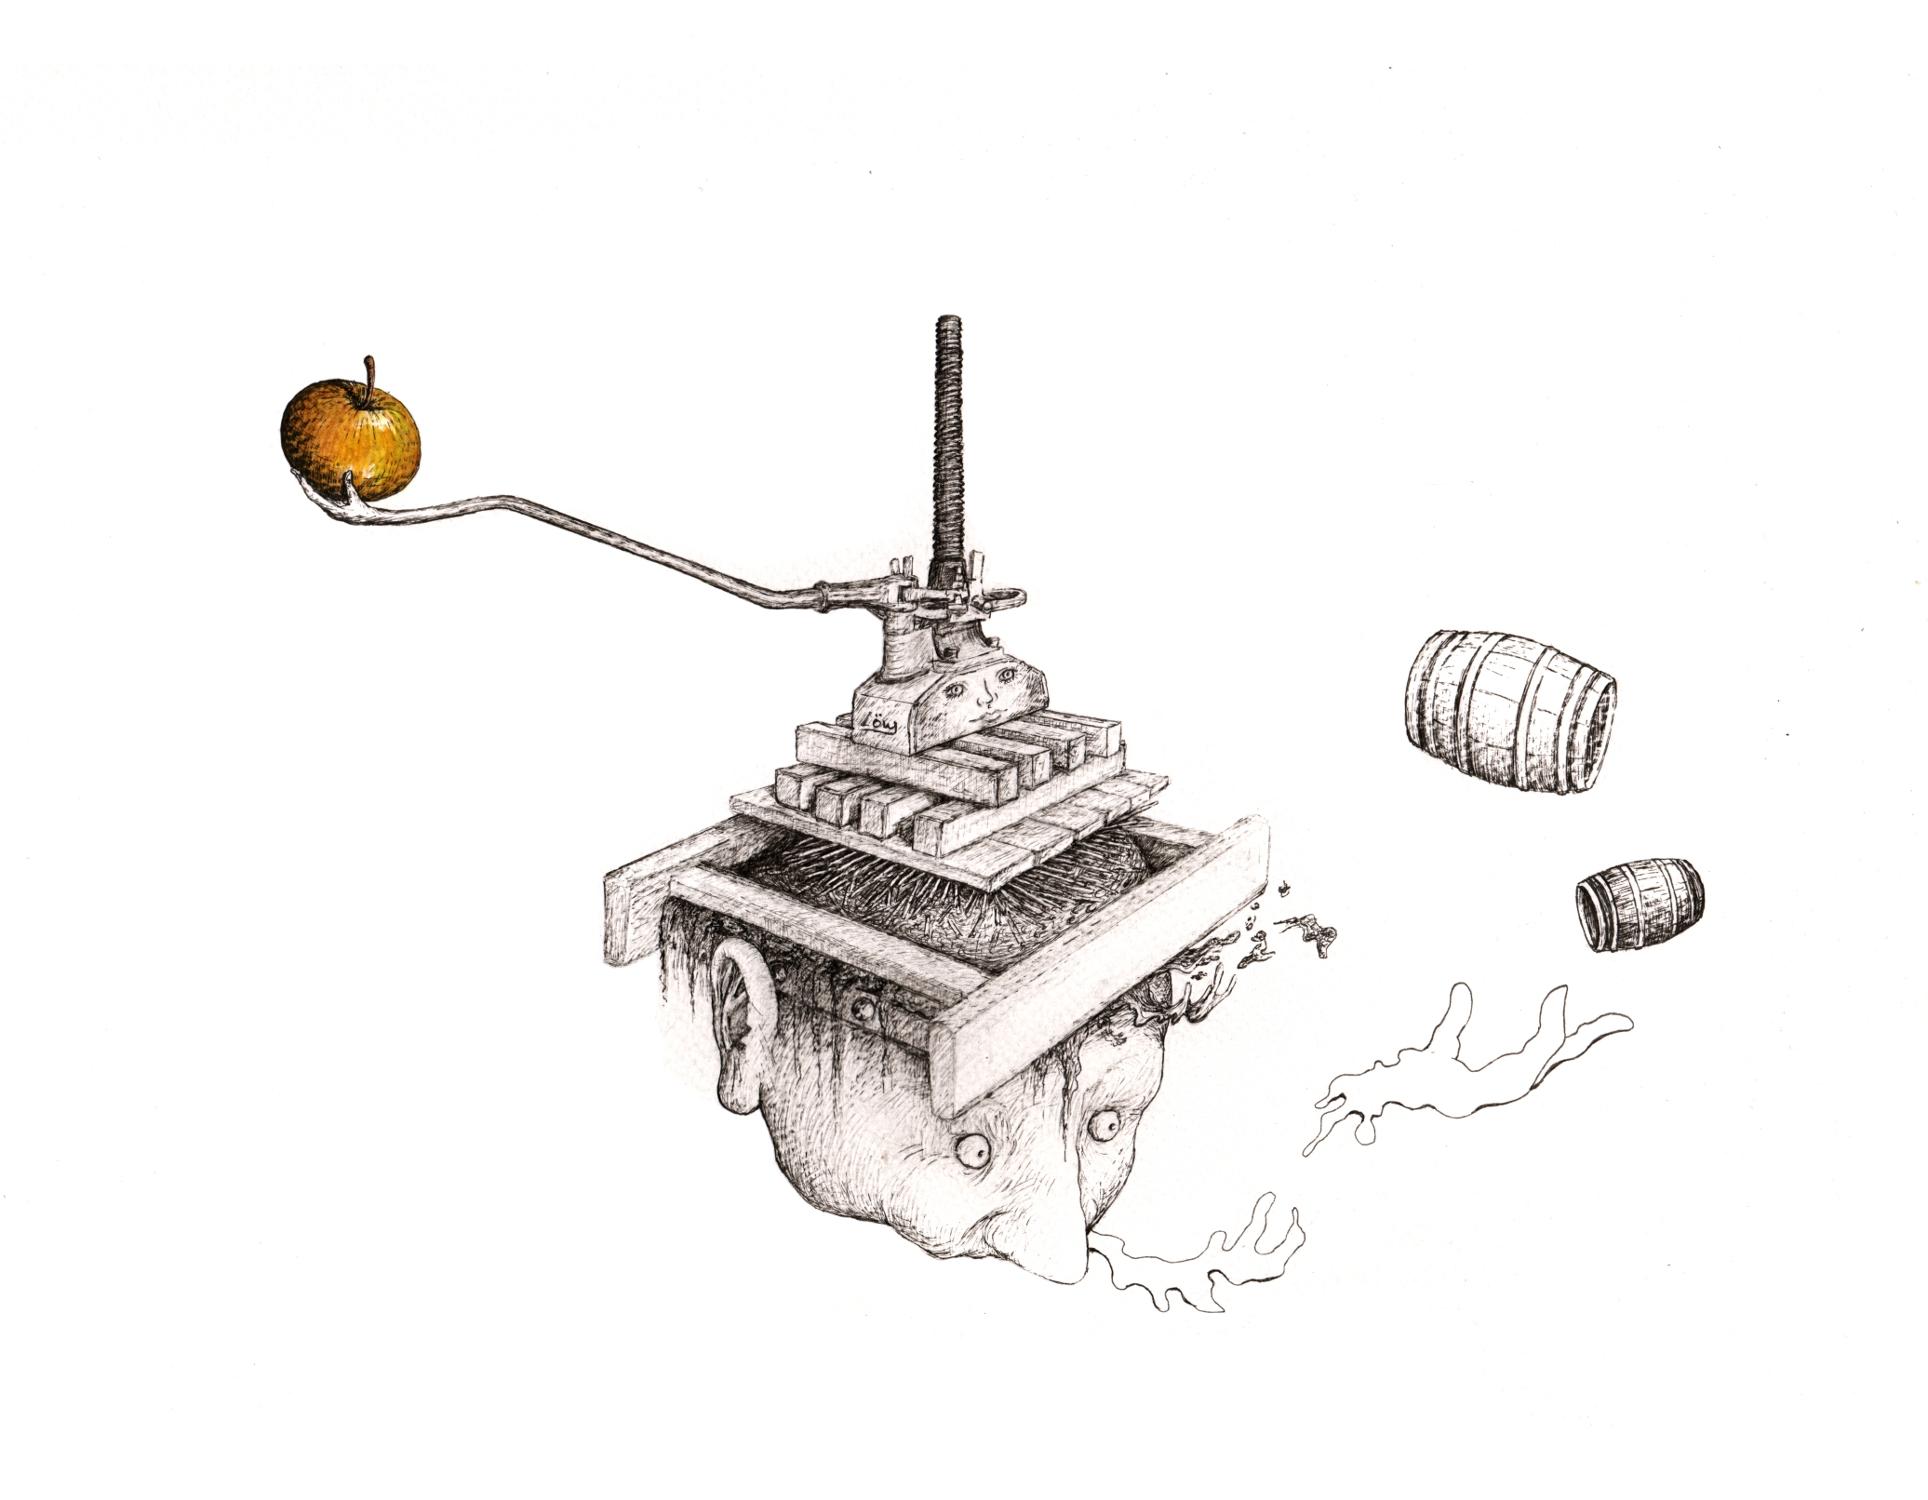 dessin-de-presse-24-x-32-cm-encreaquarelle-sur-papier